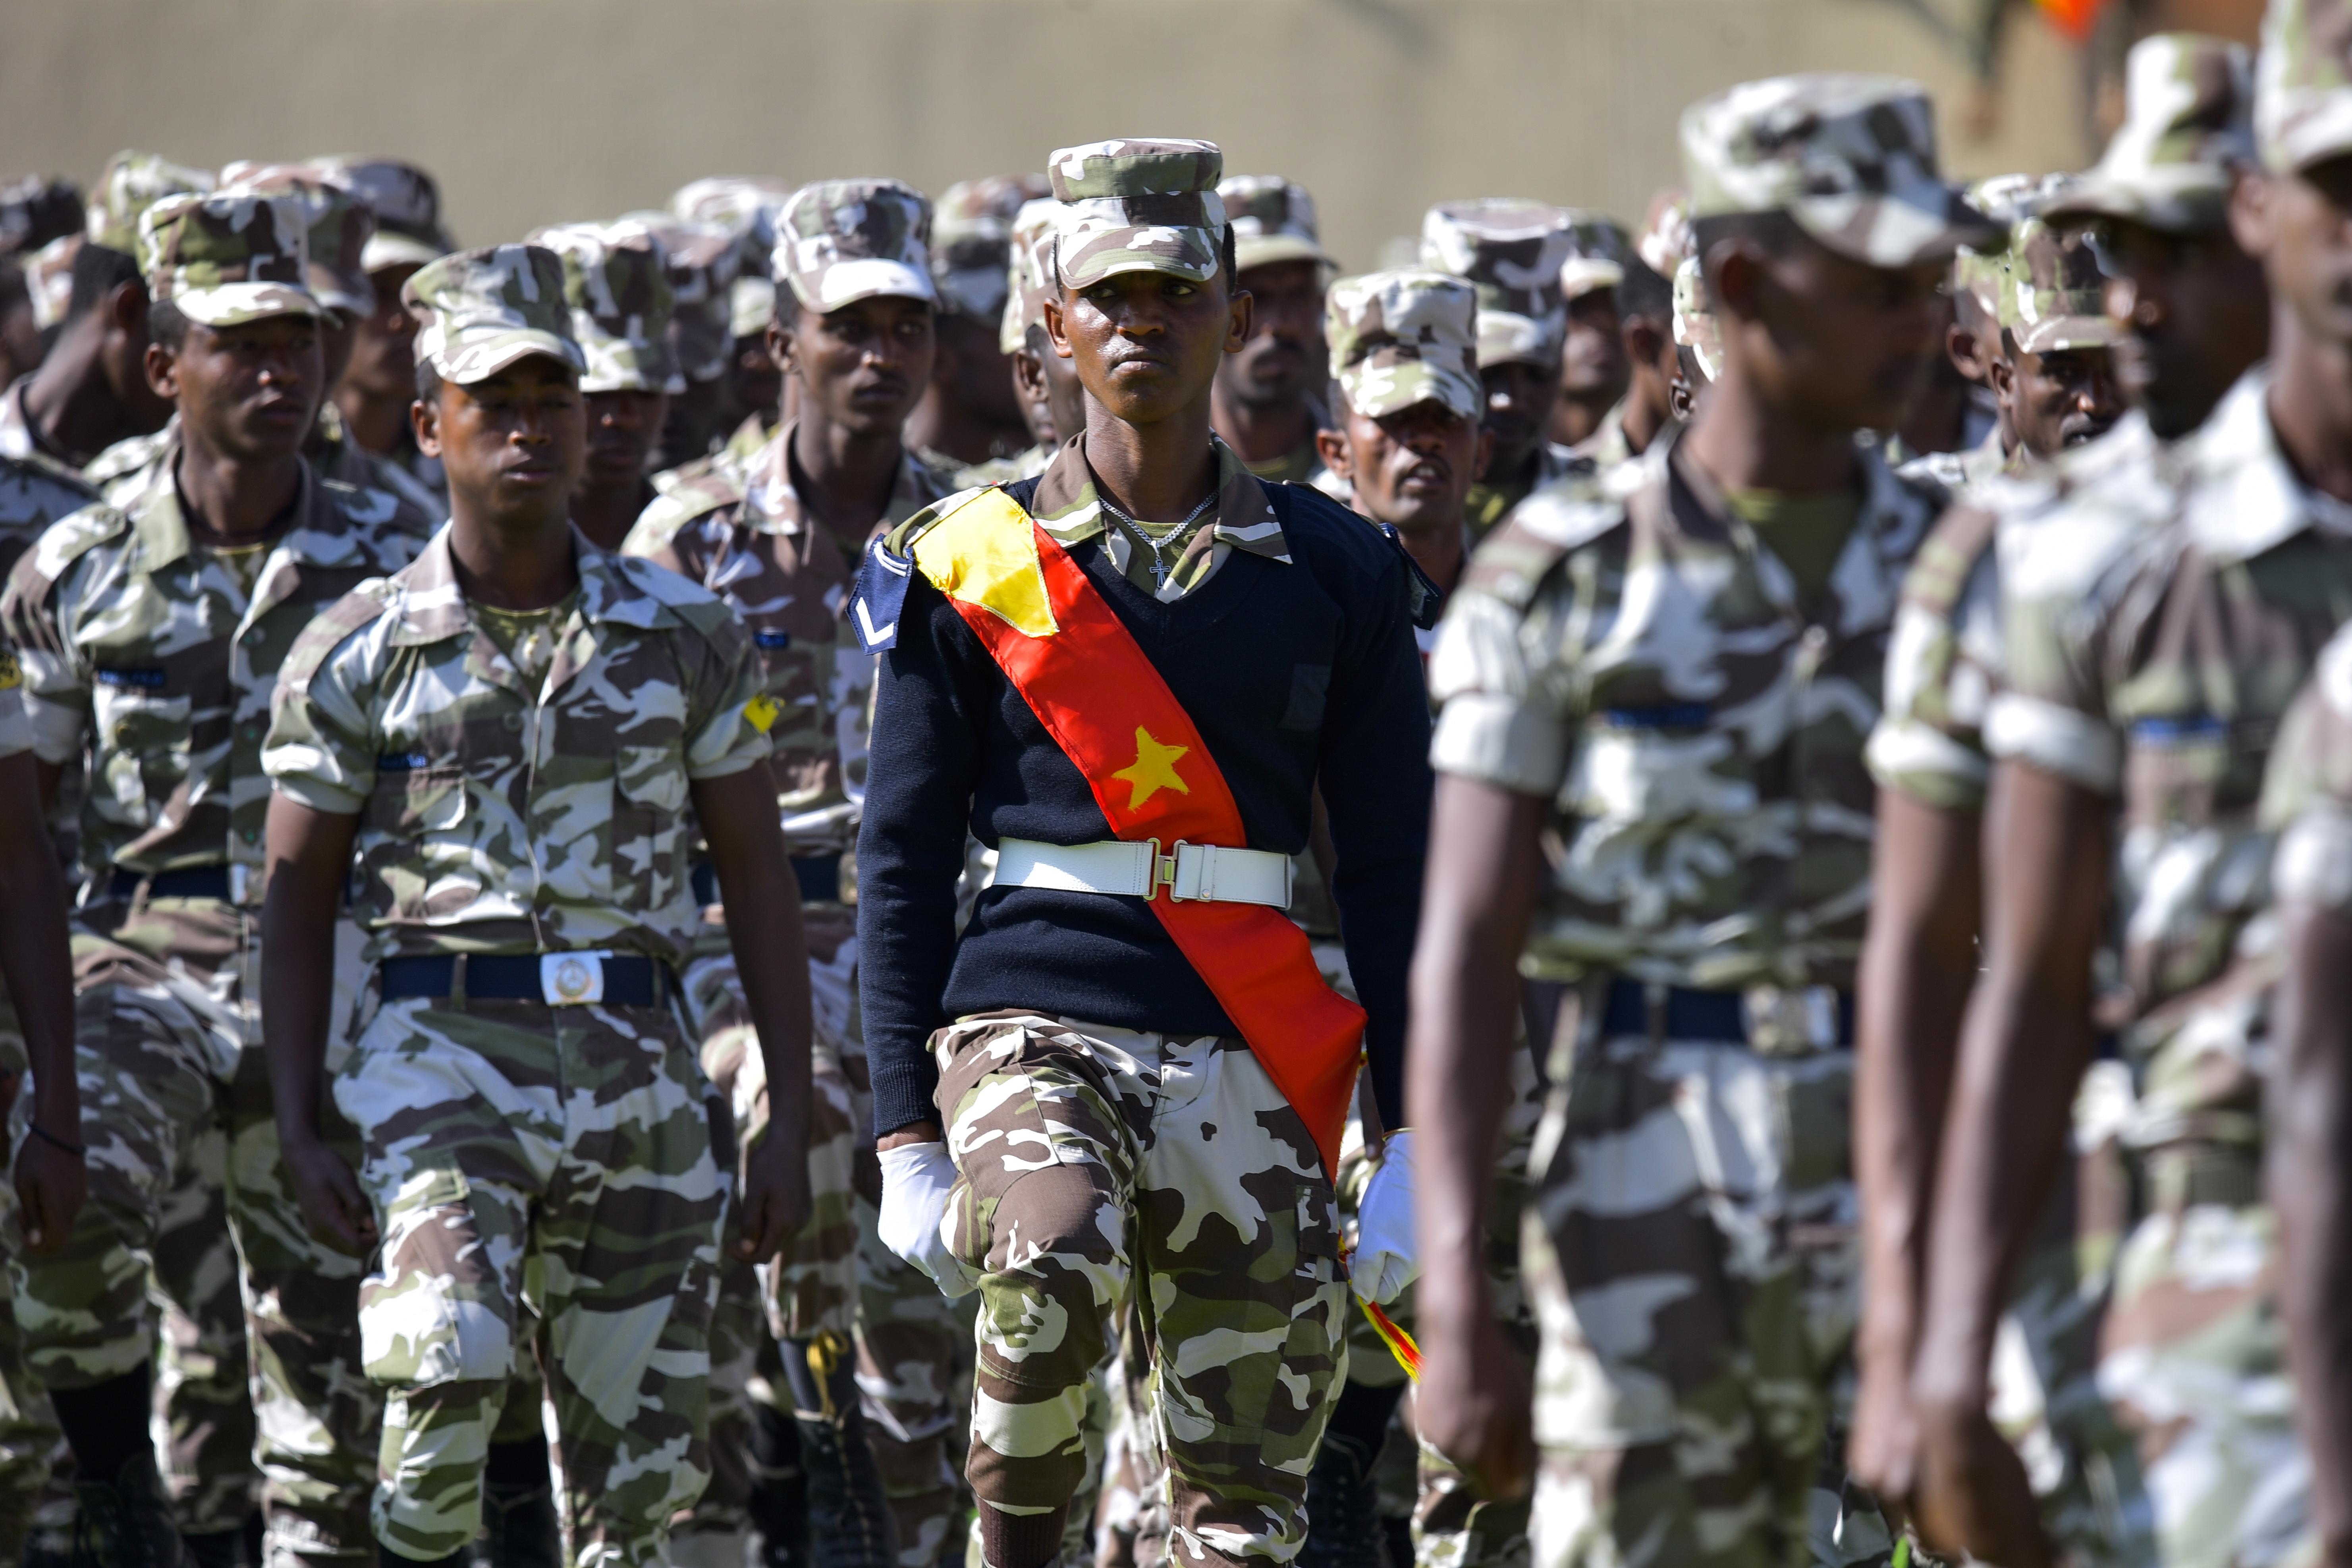 Félmilliós város tüzérségi ostromával fenyeget az etióp hadsereg